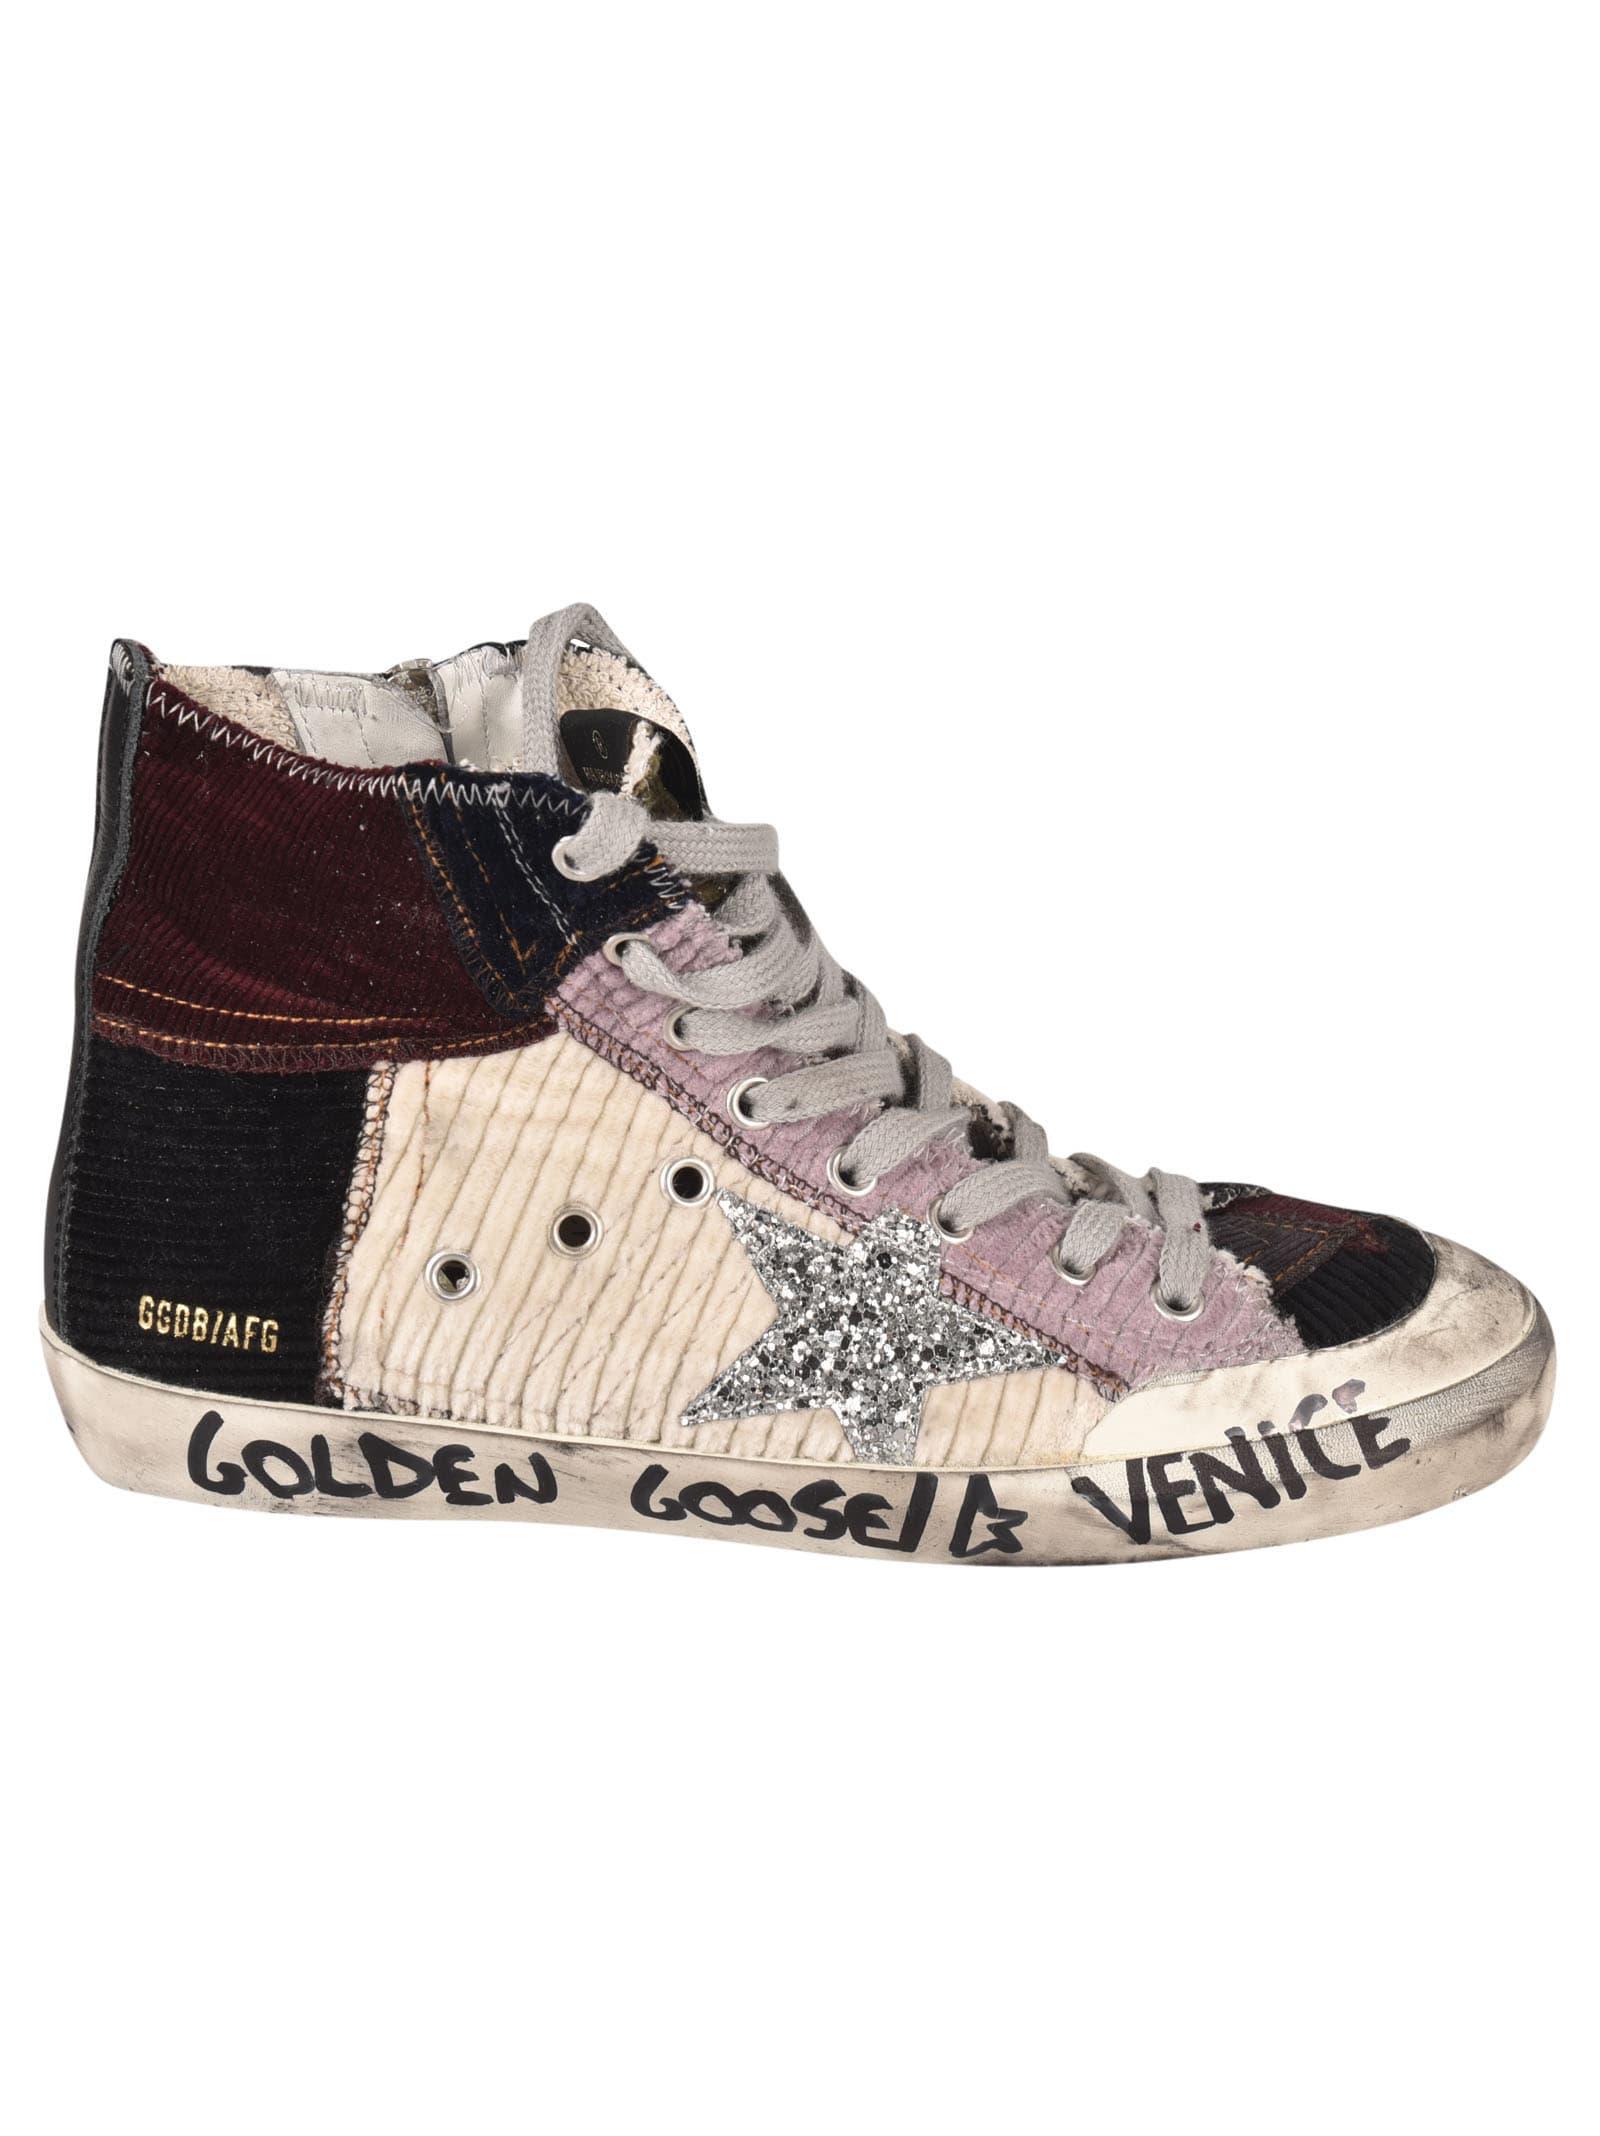 Golden Goose Francy Penstar Classic Sneakers